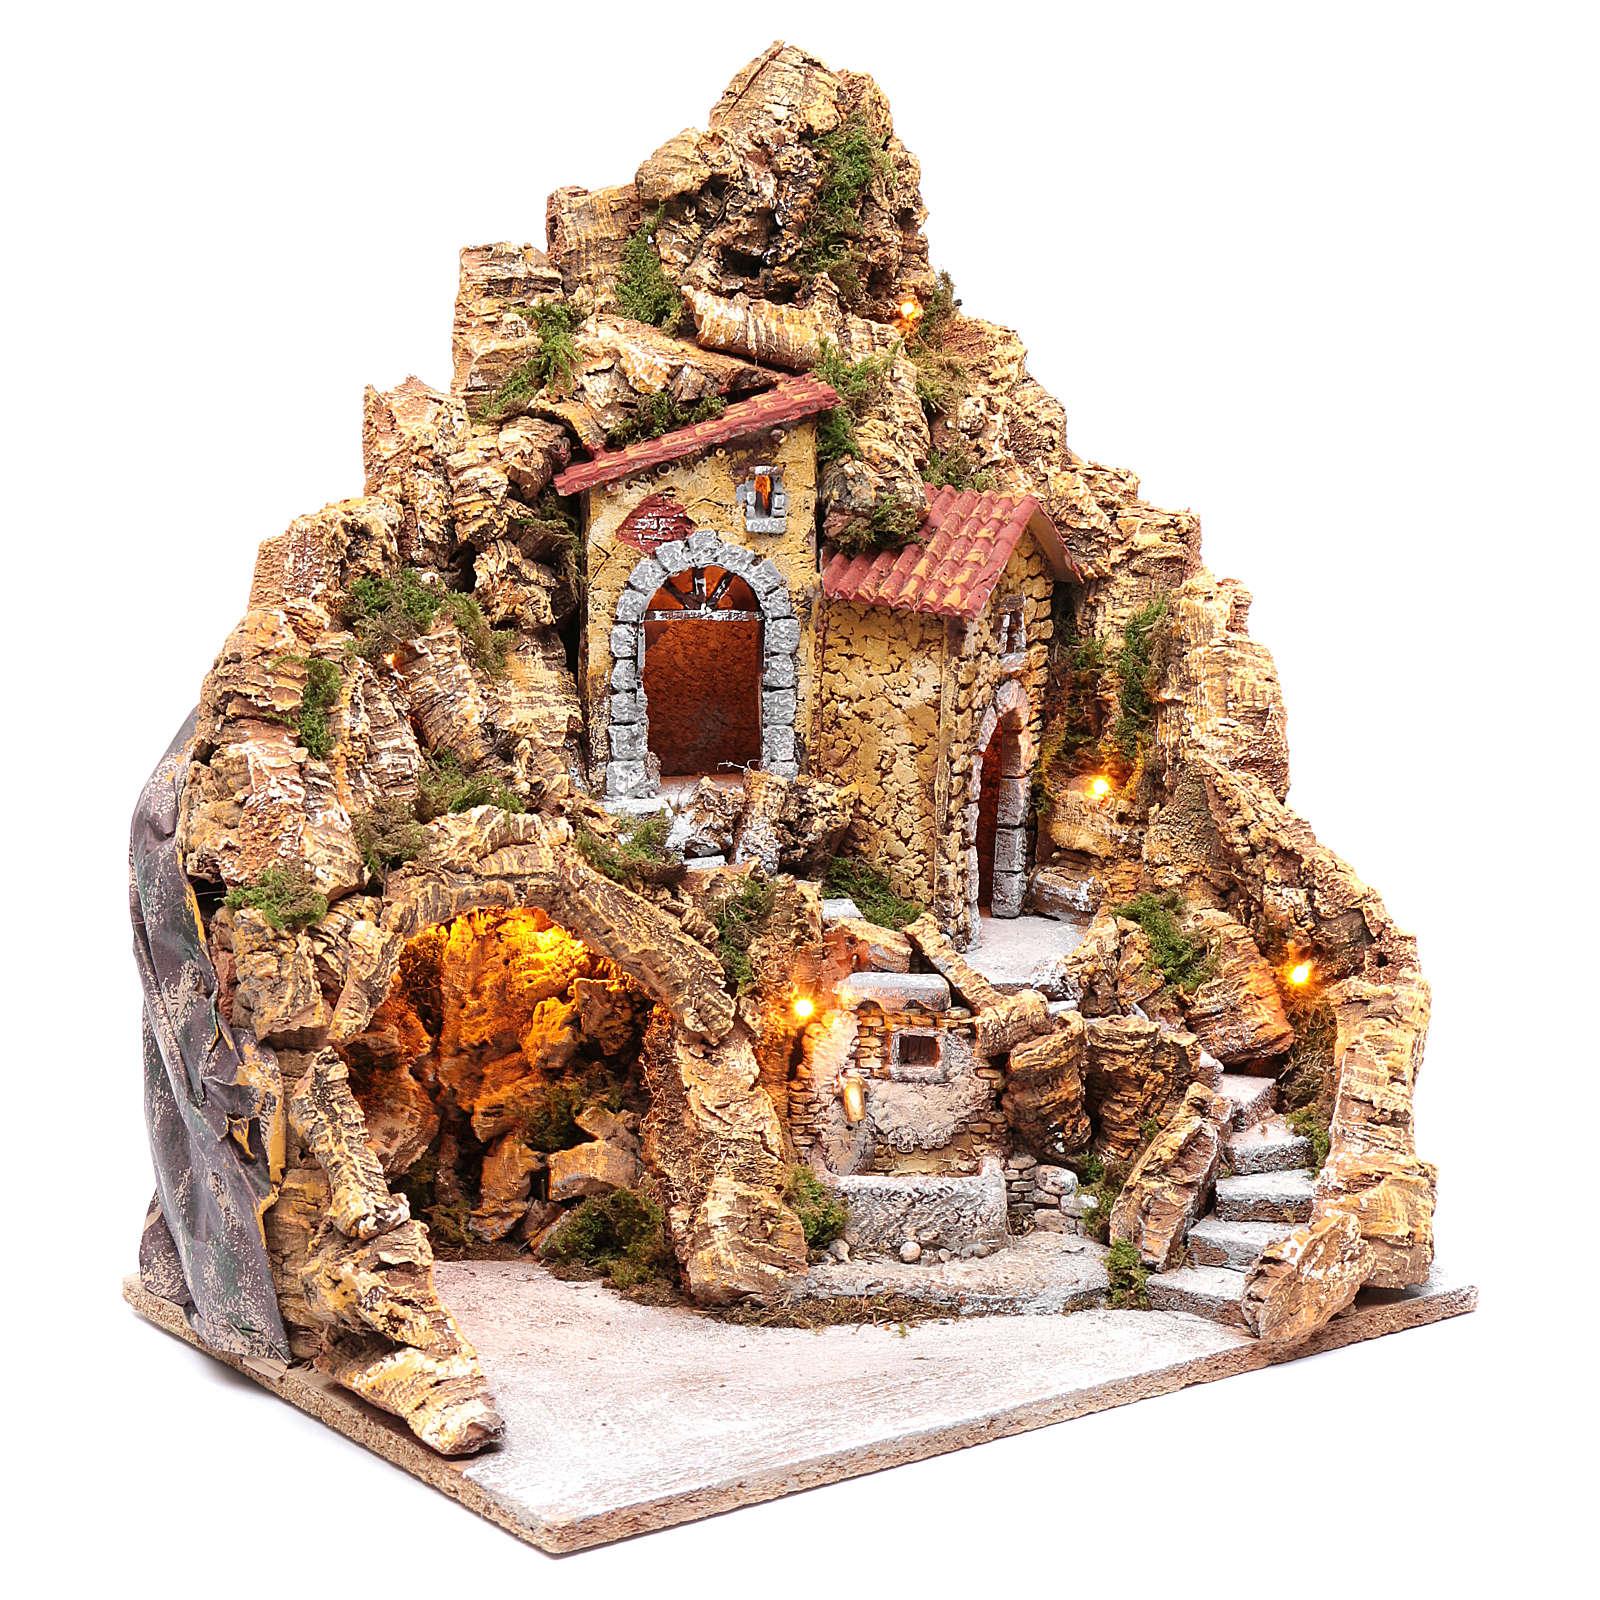 Escenografía pesebre Nápoles iluminada con casas y fuente 45x40x30 cm 4